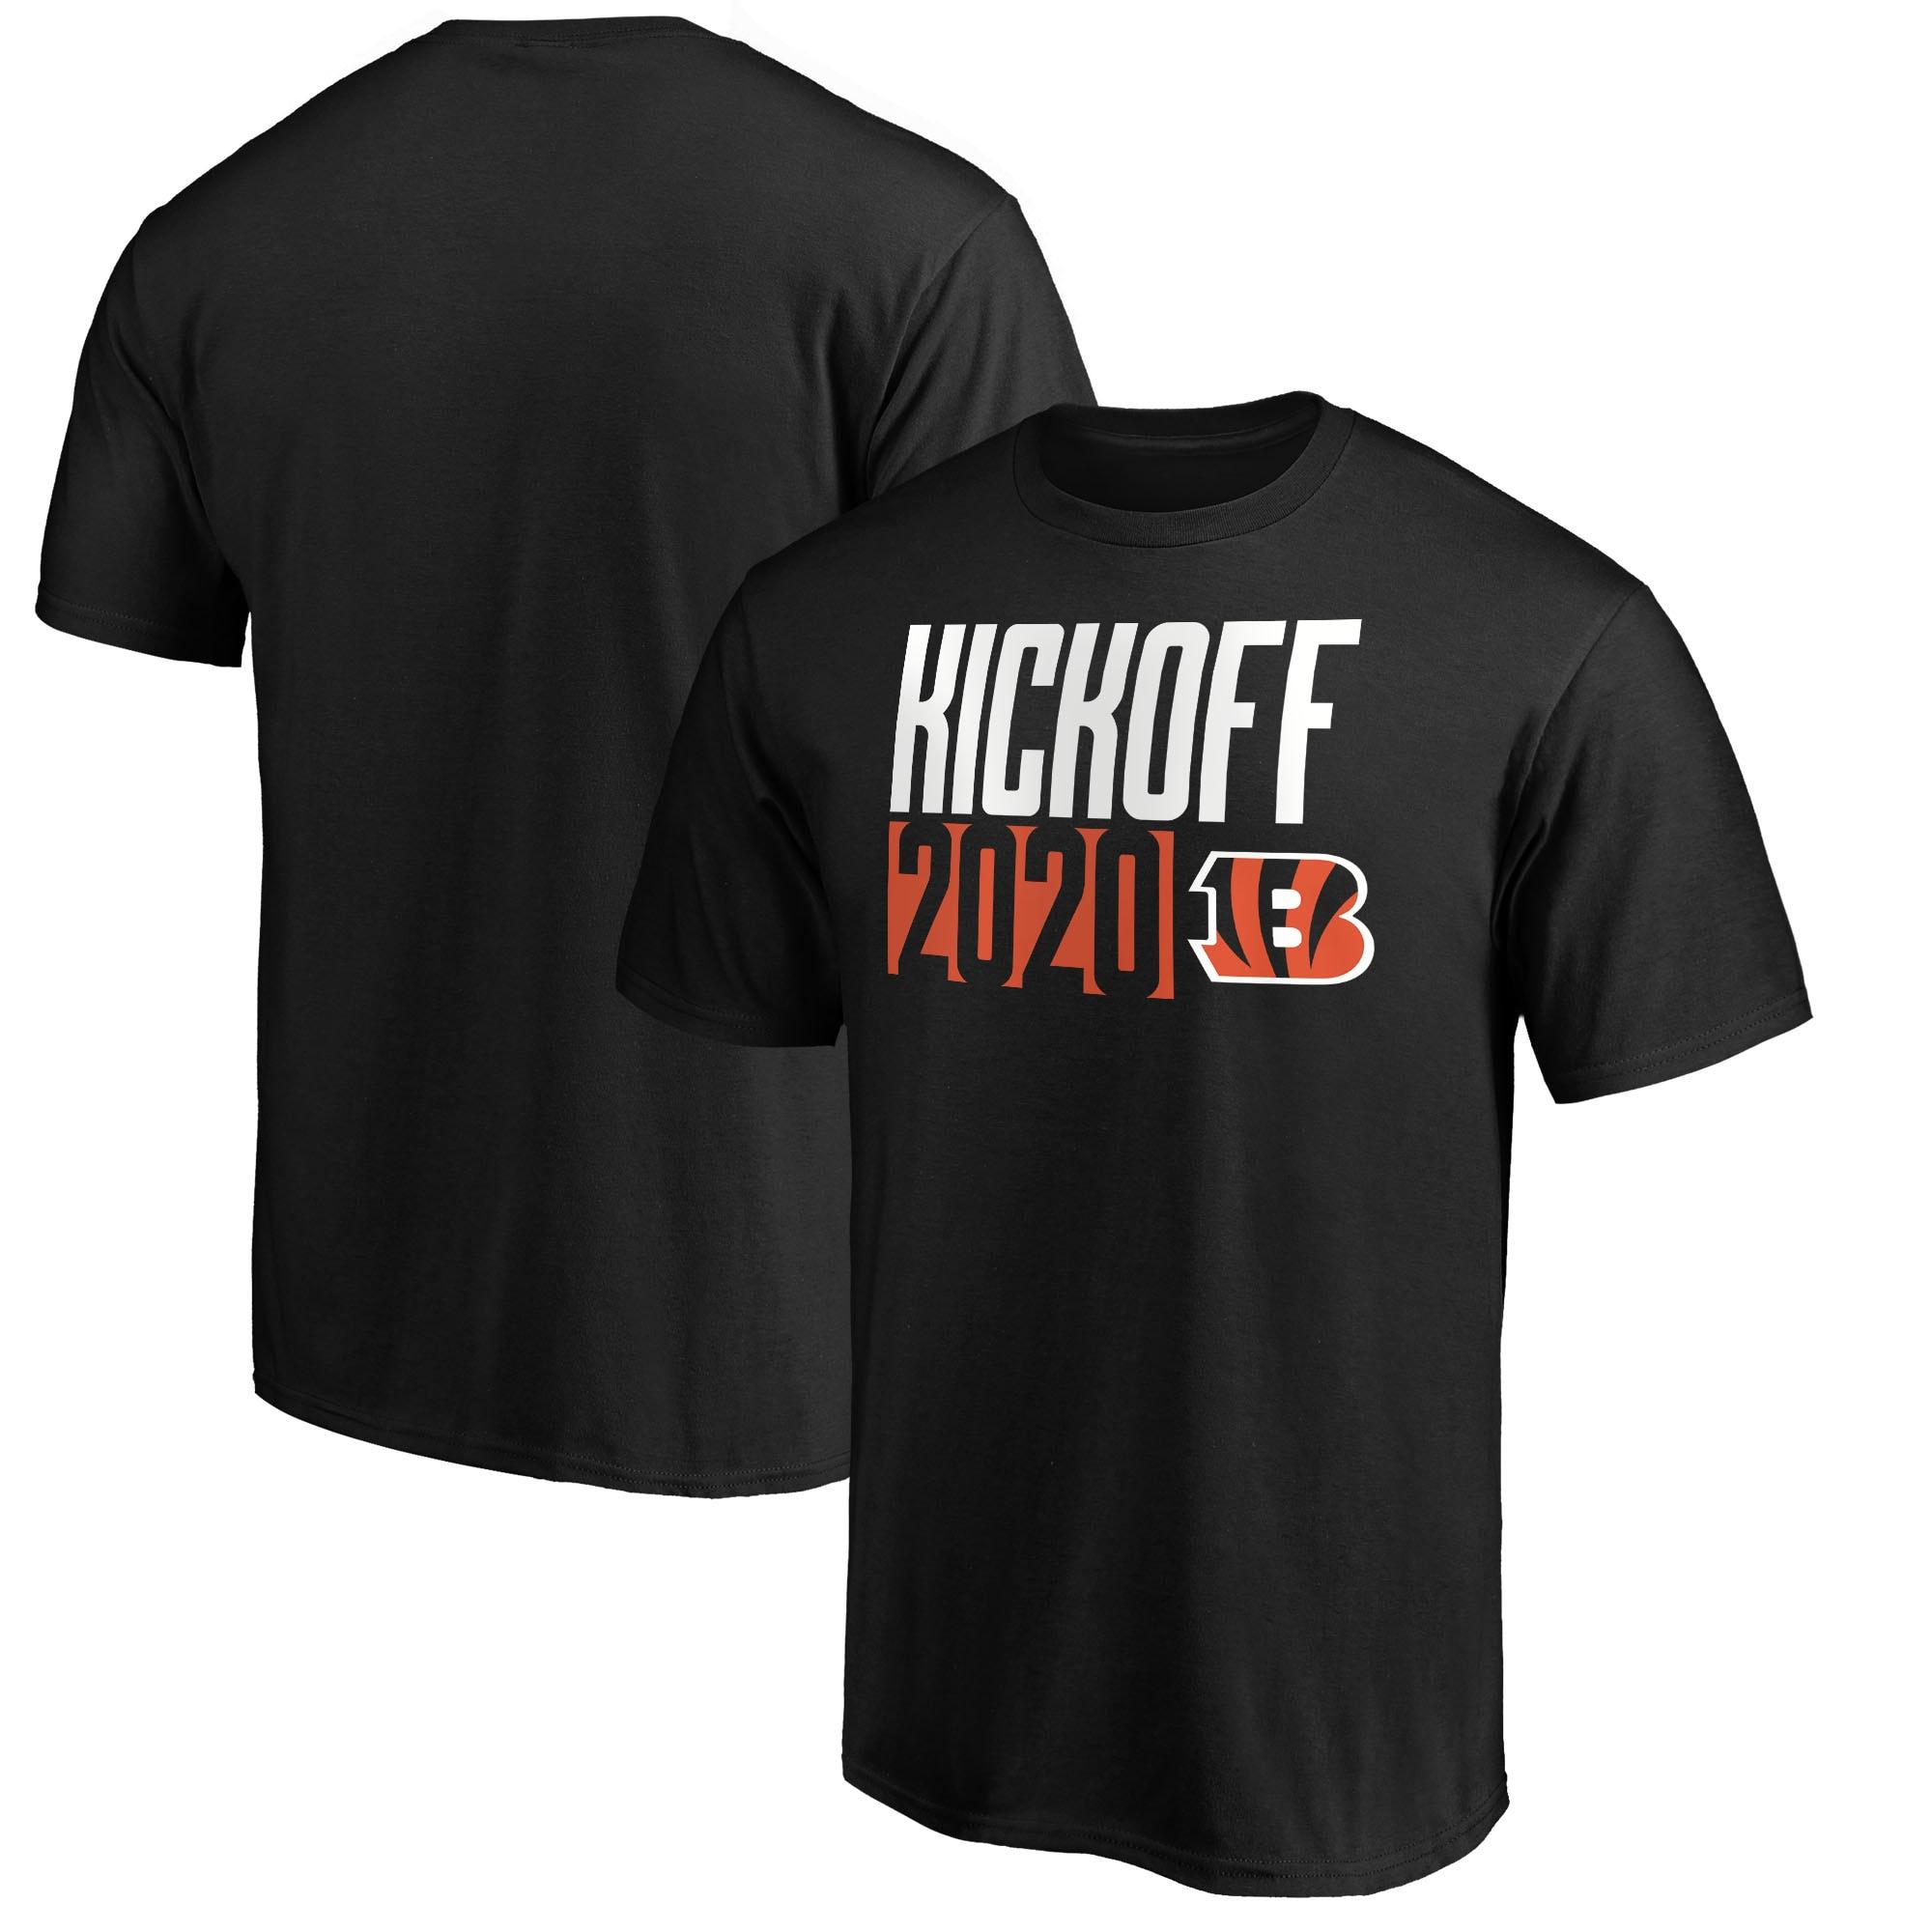 Cincinnati Bengals Fanatics Branded Kickoff 2020 T-Shirt - Black